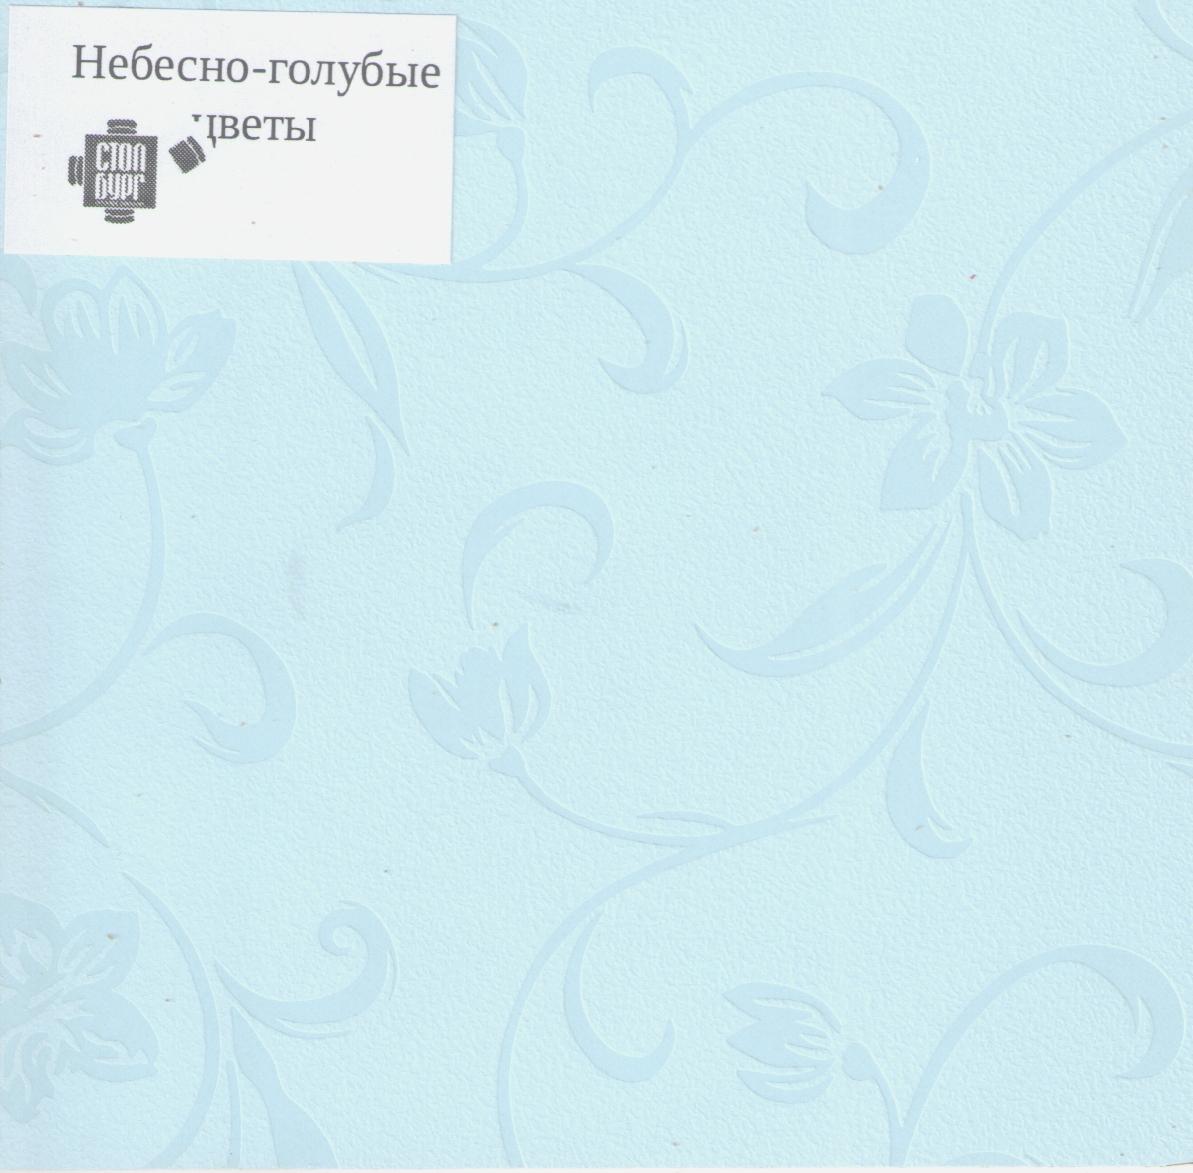 Небесно-голубые цветы